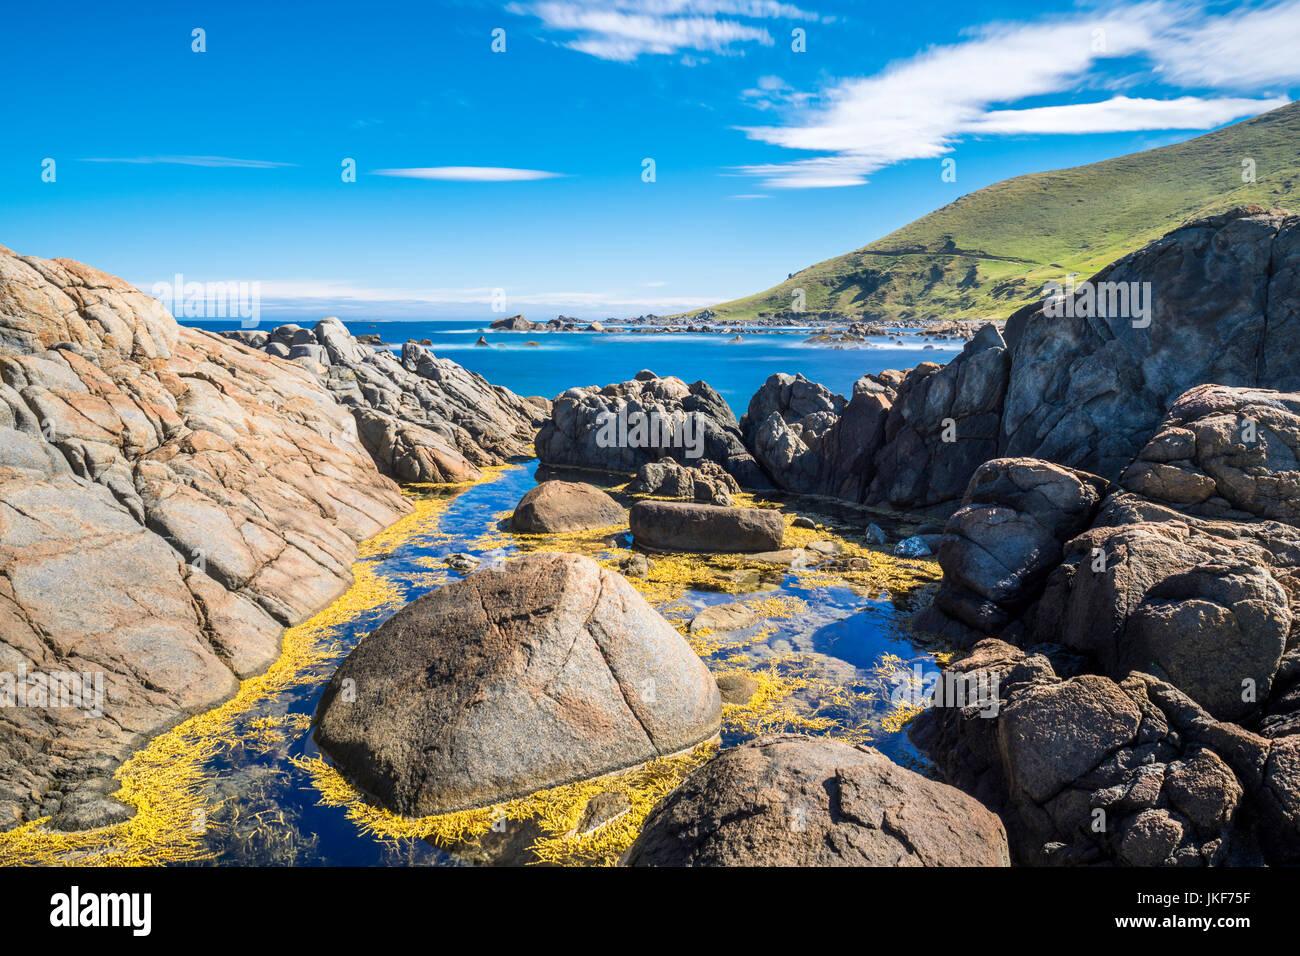 Nueva Zelanda, isla del sur, sur de ruta escénica, orepuki, acogedor rincón beach Imagen De Stock